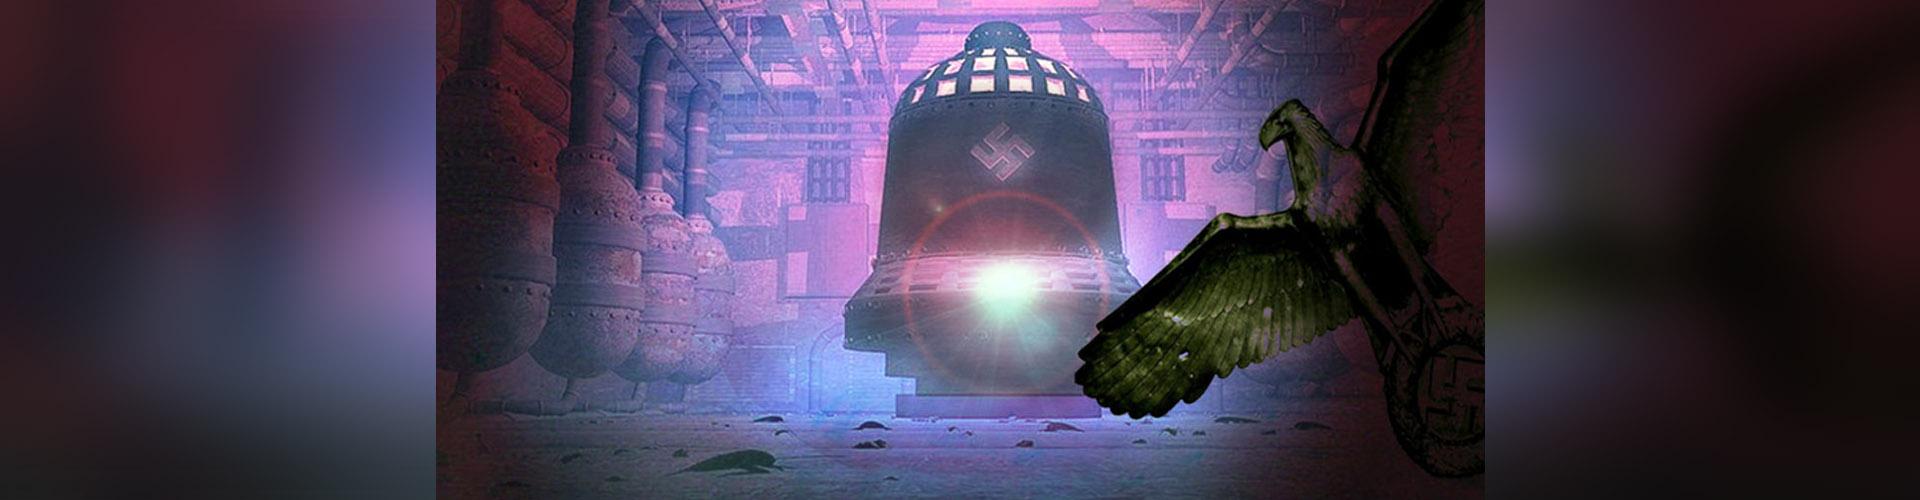 (VIDEO) Die Glocke: ¿La campana nazi que fue en realidad una máquina del tiempo?